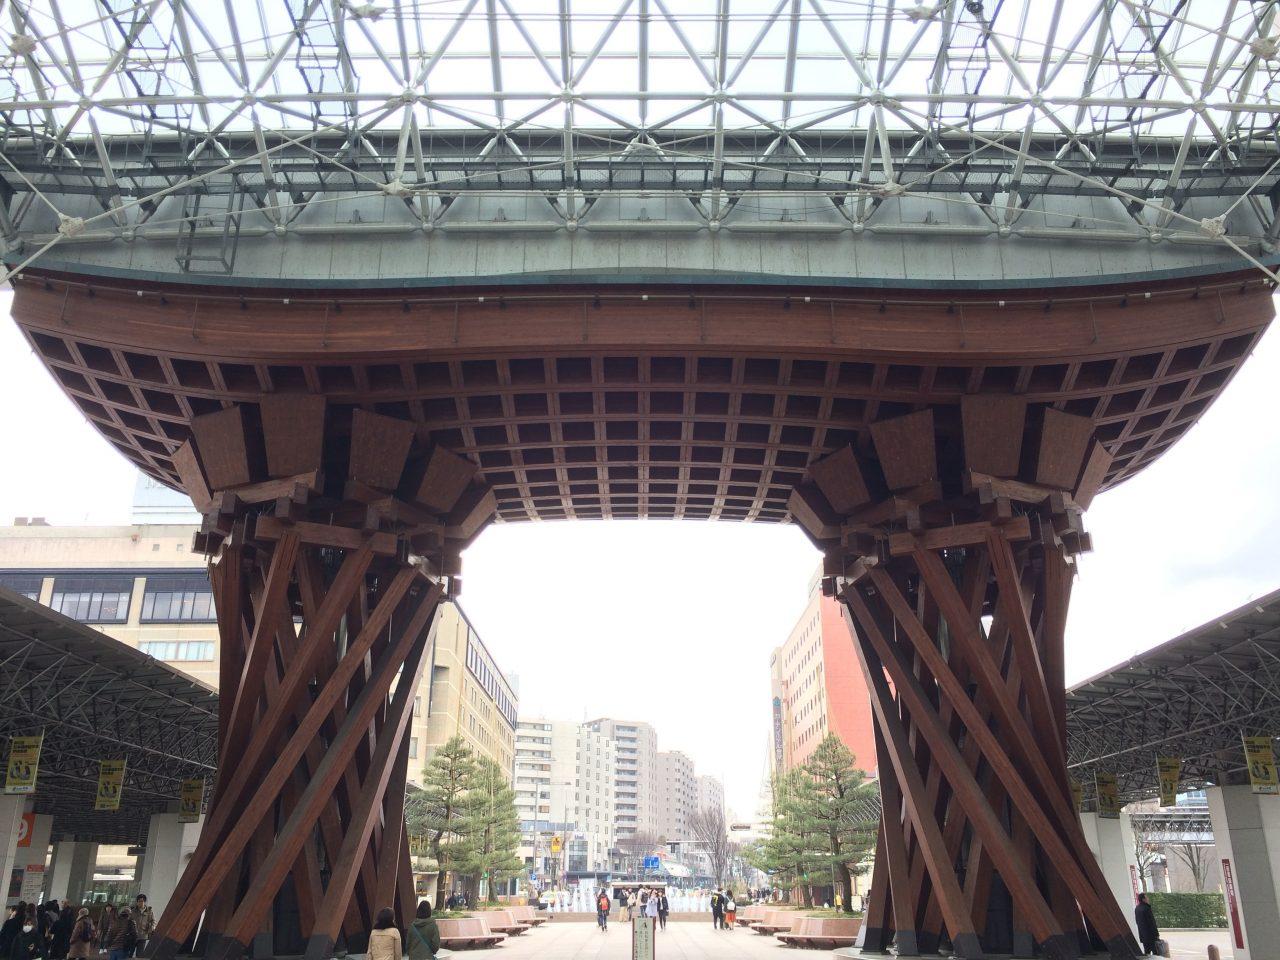 金沢駅の鼓門2の写真